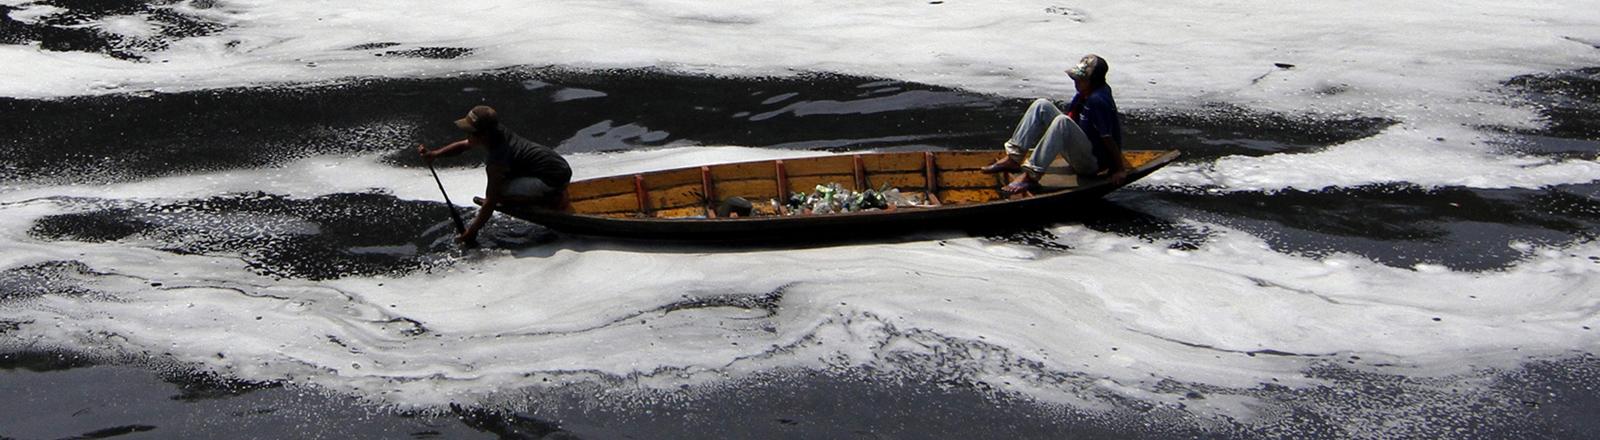 Zwei Männer sammeln mit ihrem Boot Plastikmüll aus dem Citarum-Fluss in Bandung in Indonesien.